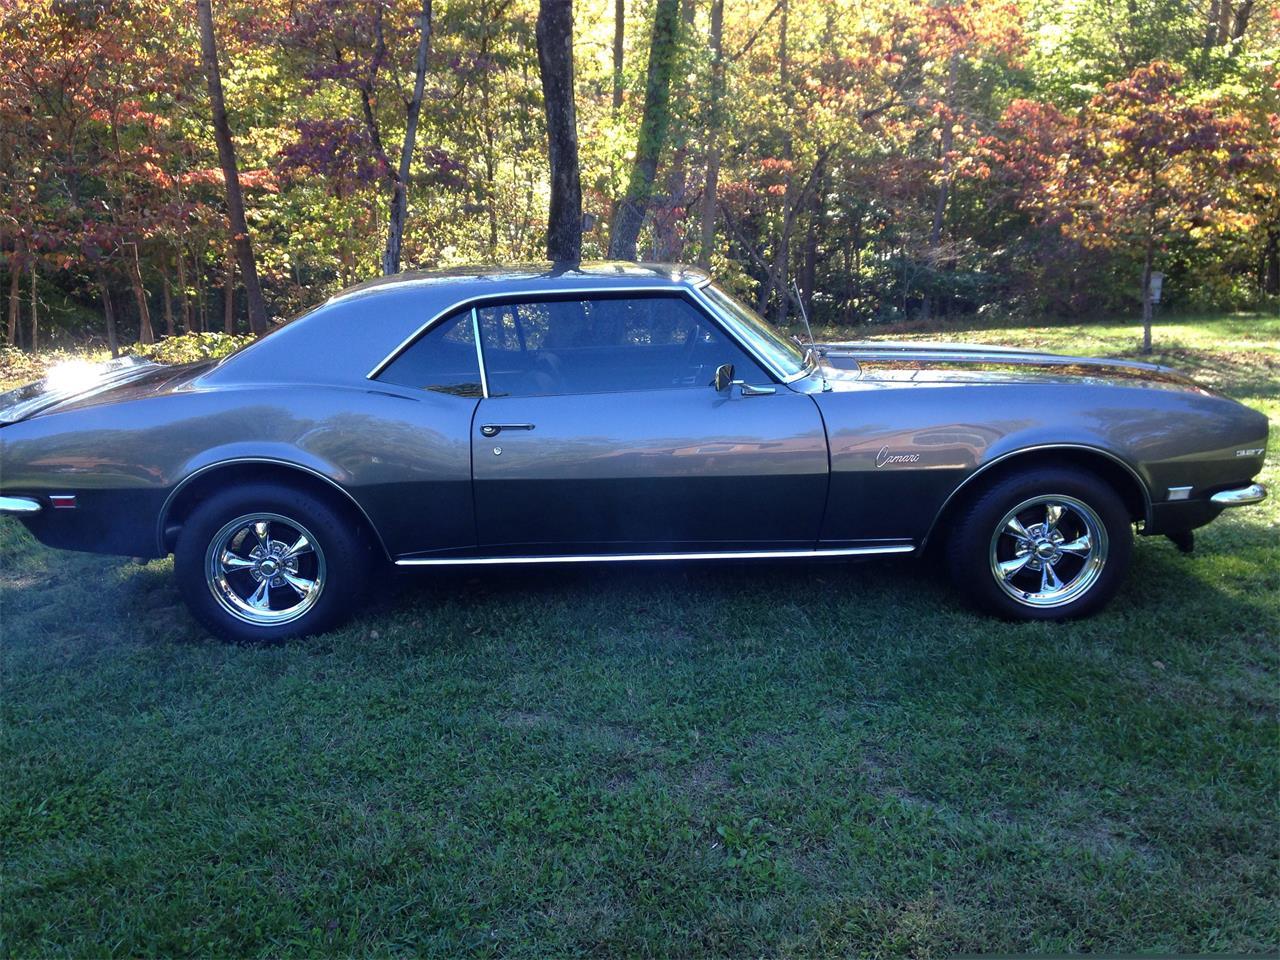 Large Picture of Classic 1968 Chevrolet Camaro located in Scottsville Virginia - $35,000.00 - FQ90